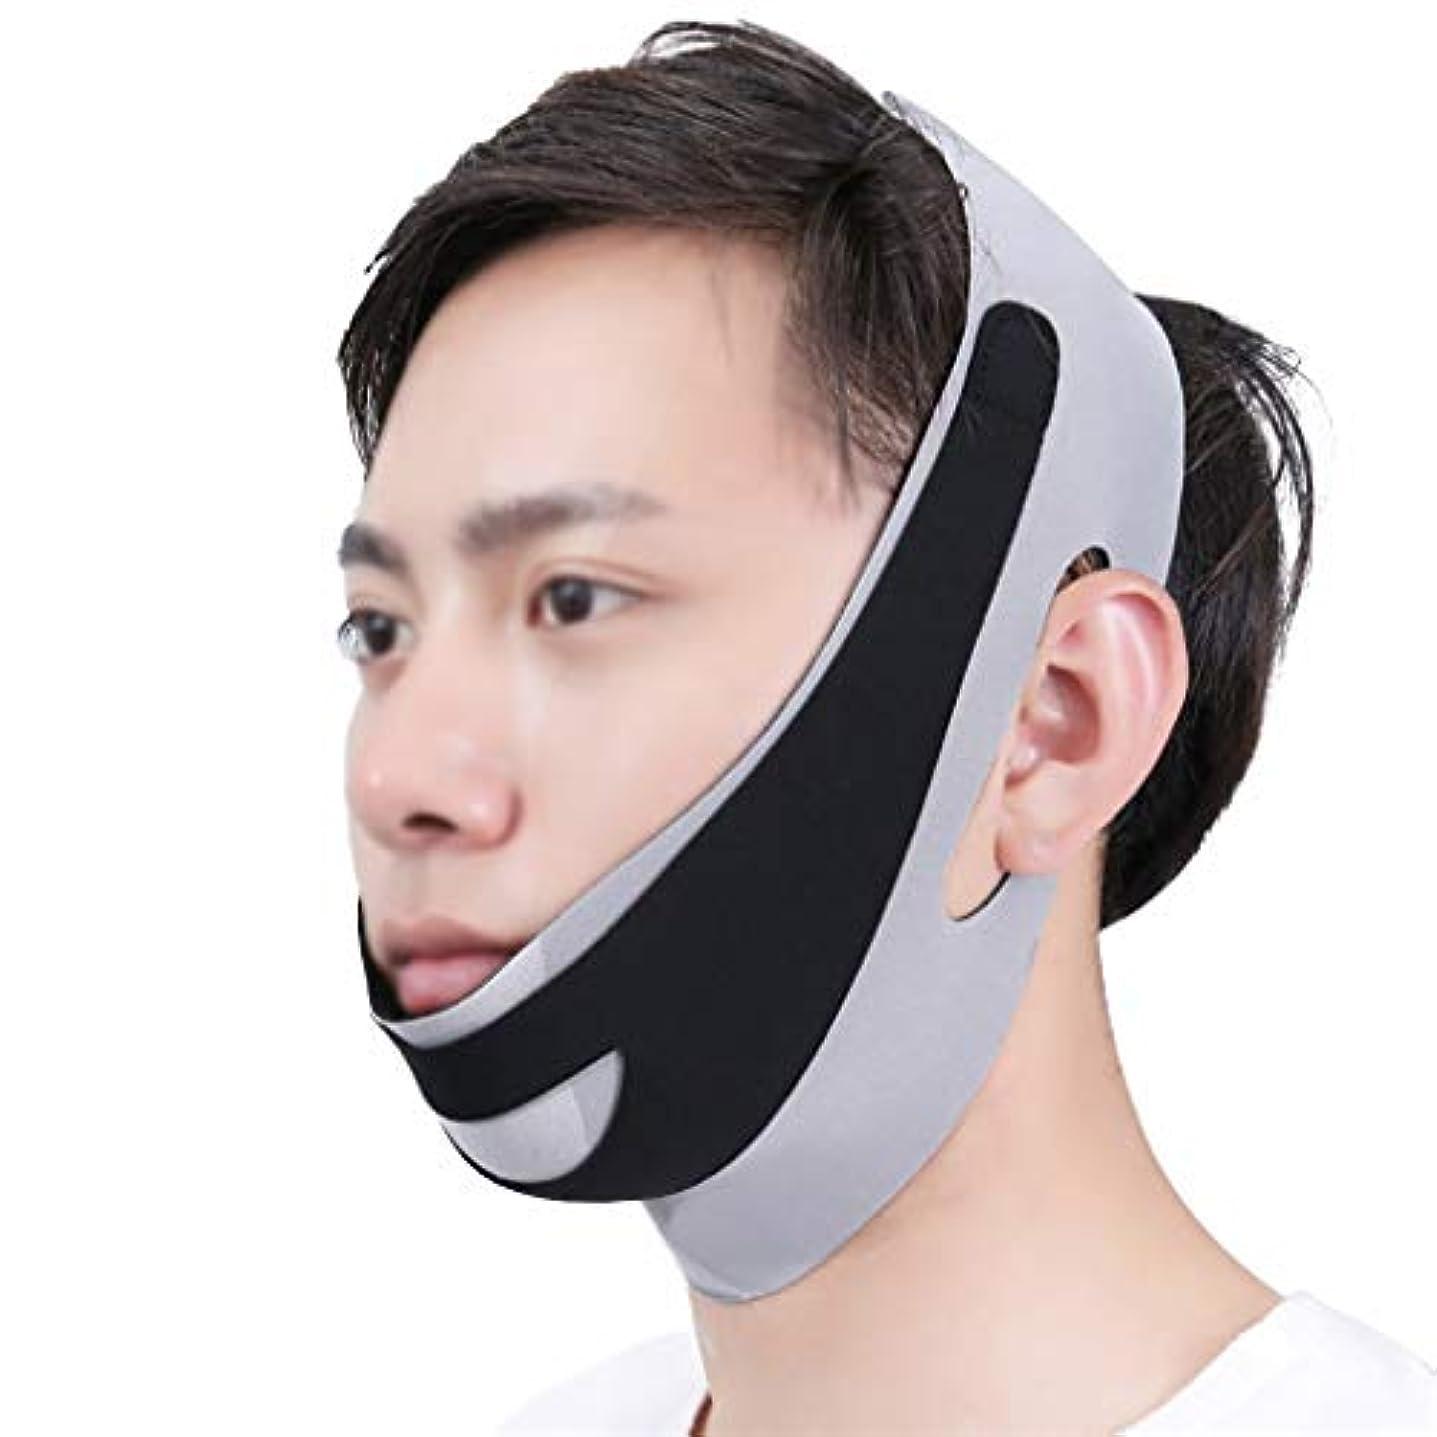 シプリーマルクス主義放射能顔と首リフト術後弾性顔マスク小さなV顔アーティファクト薄い顔包帯アーティファクトV顔吊り耳リフティング引き締め男性の顔アーティファクト